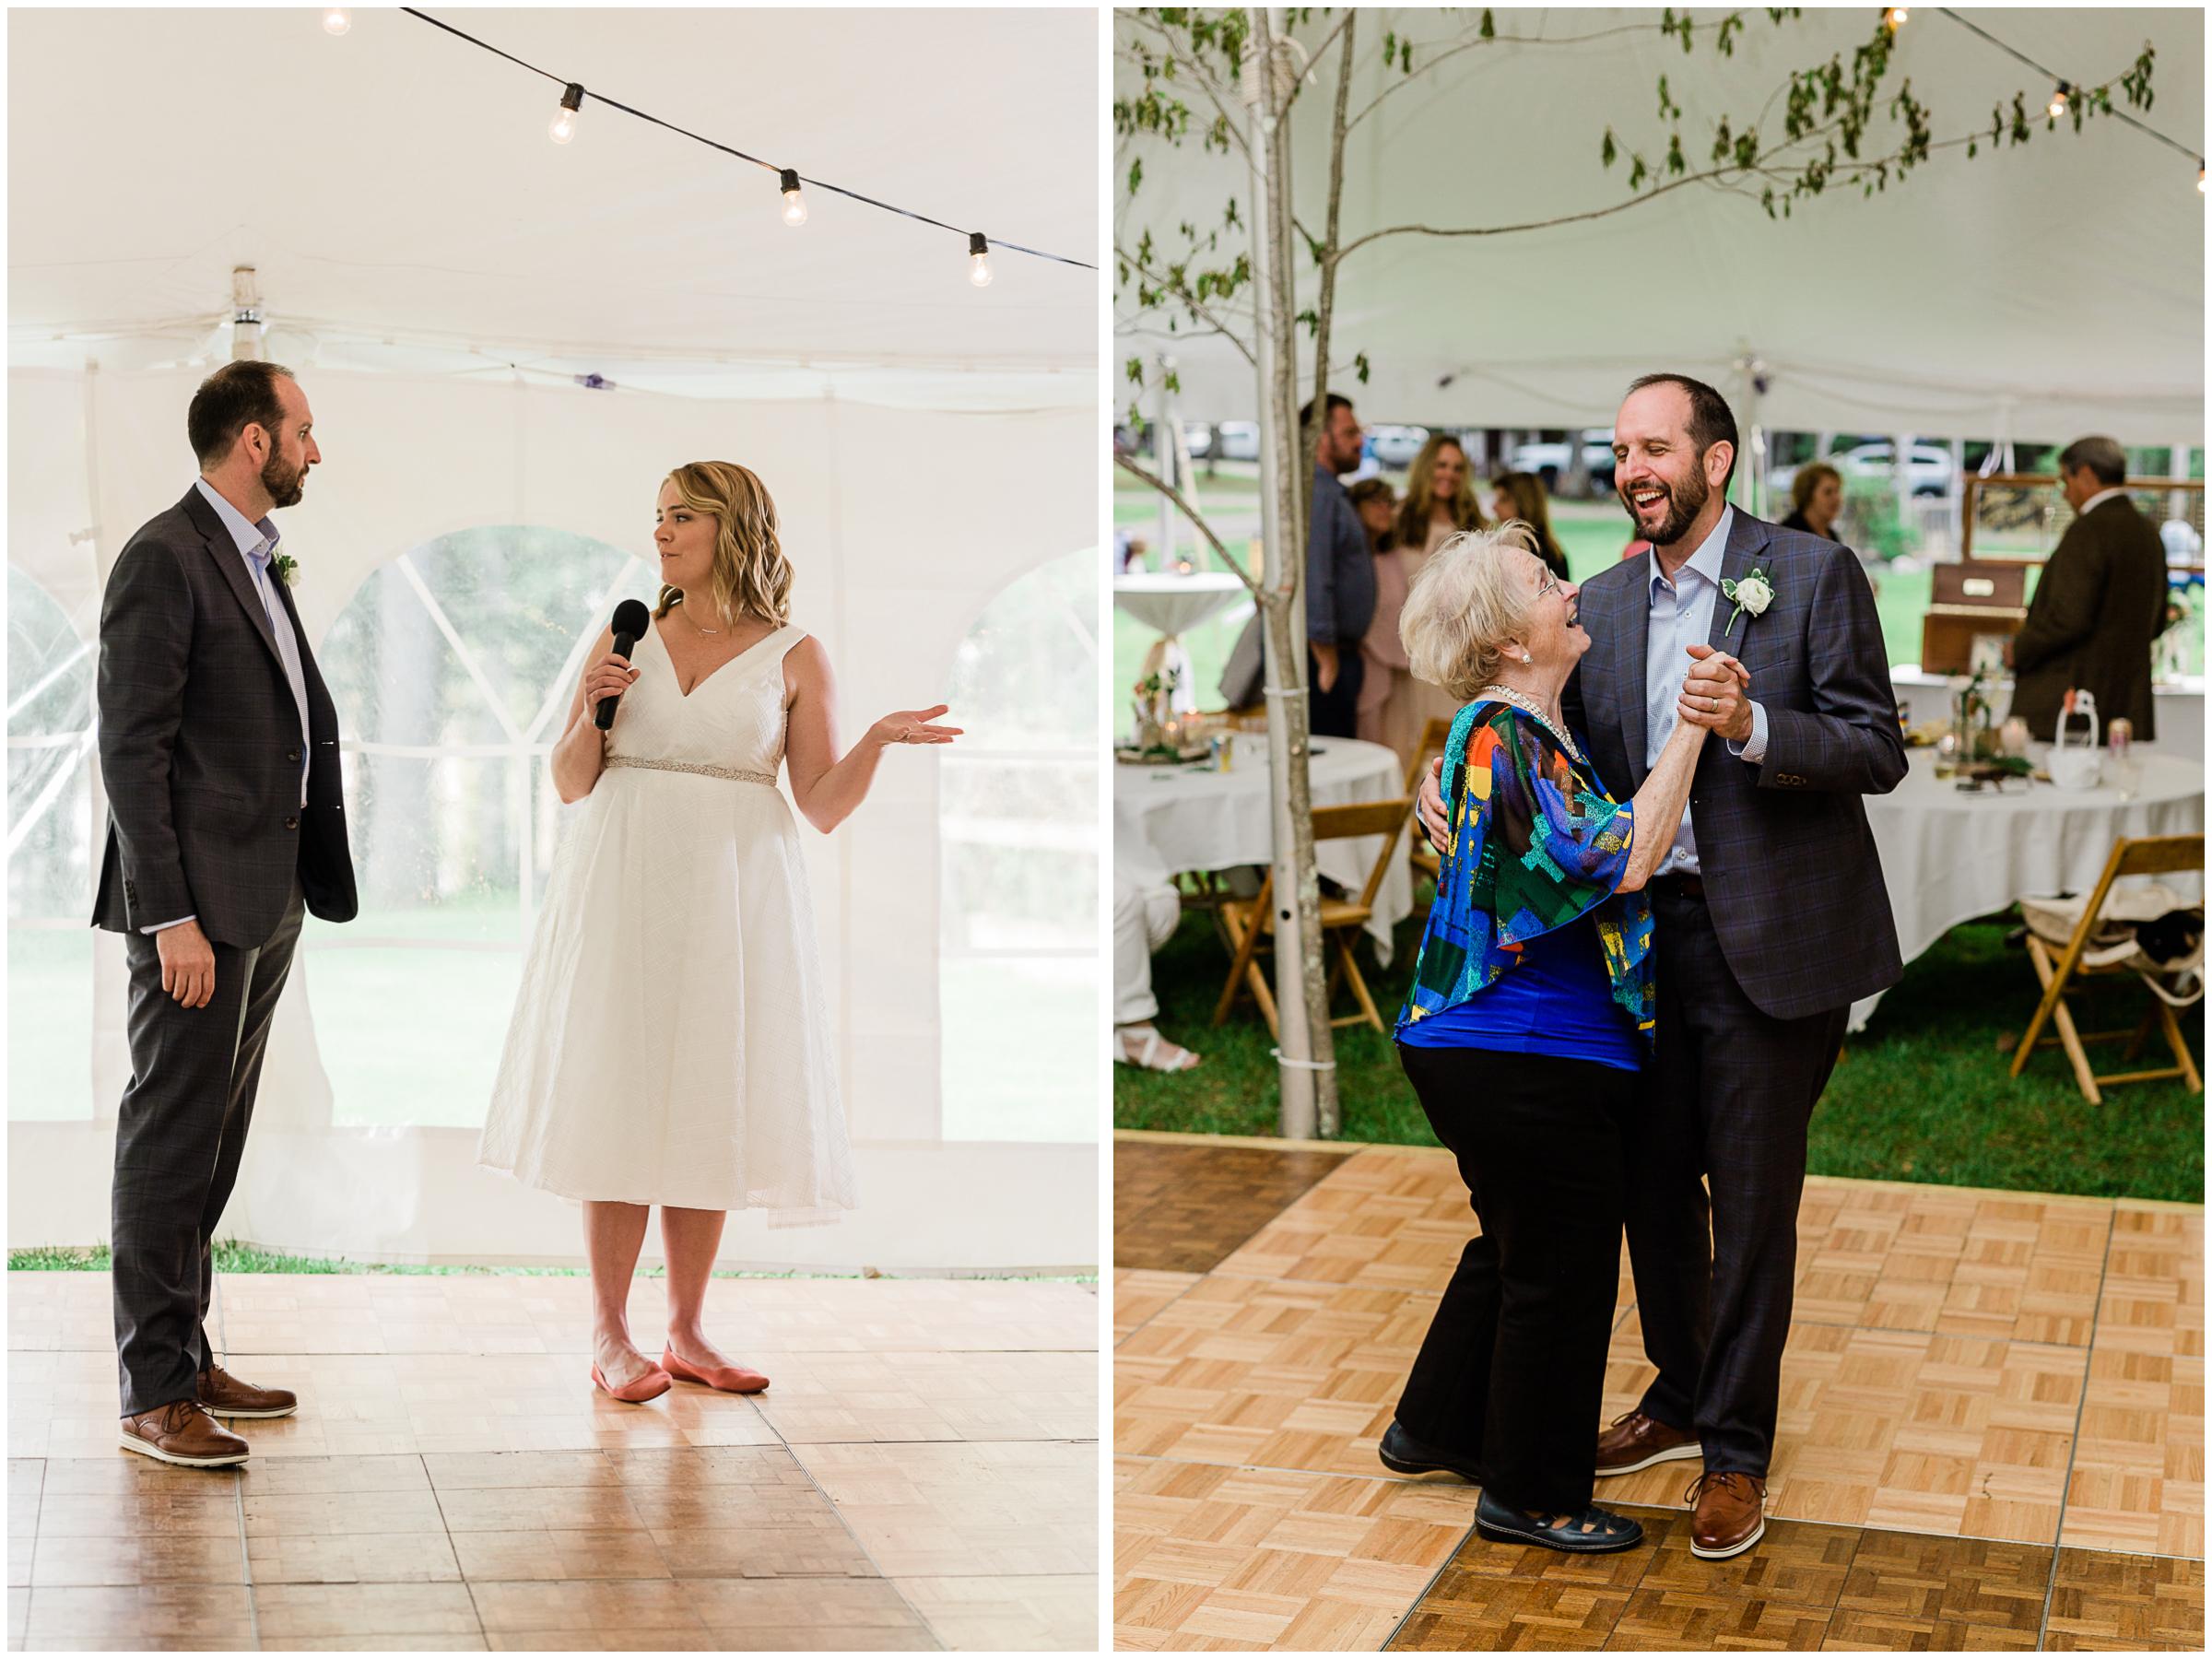 minocqua-wedding-photographer-lac-du-flambeau-woodruff-eagle-river-rhinelander-engagement-family-photography26.jpg